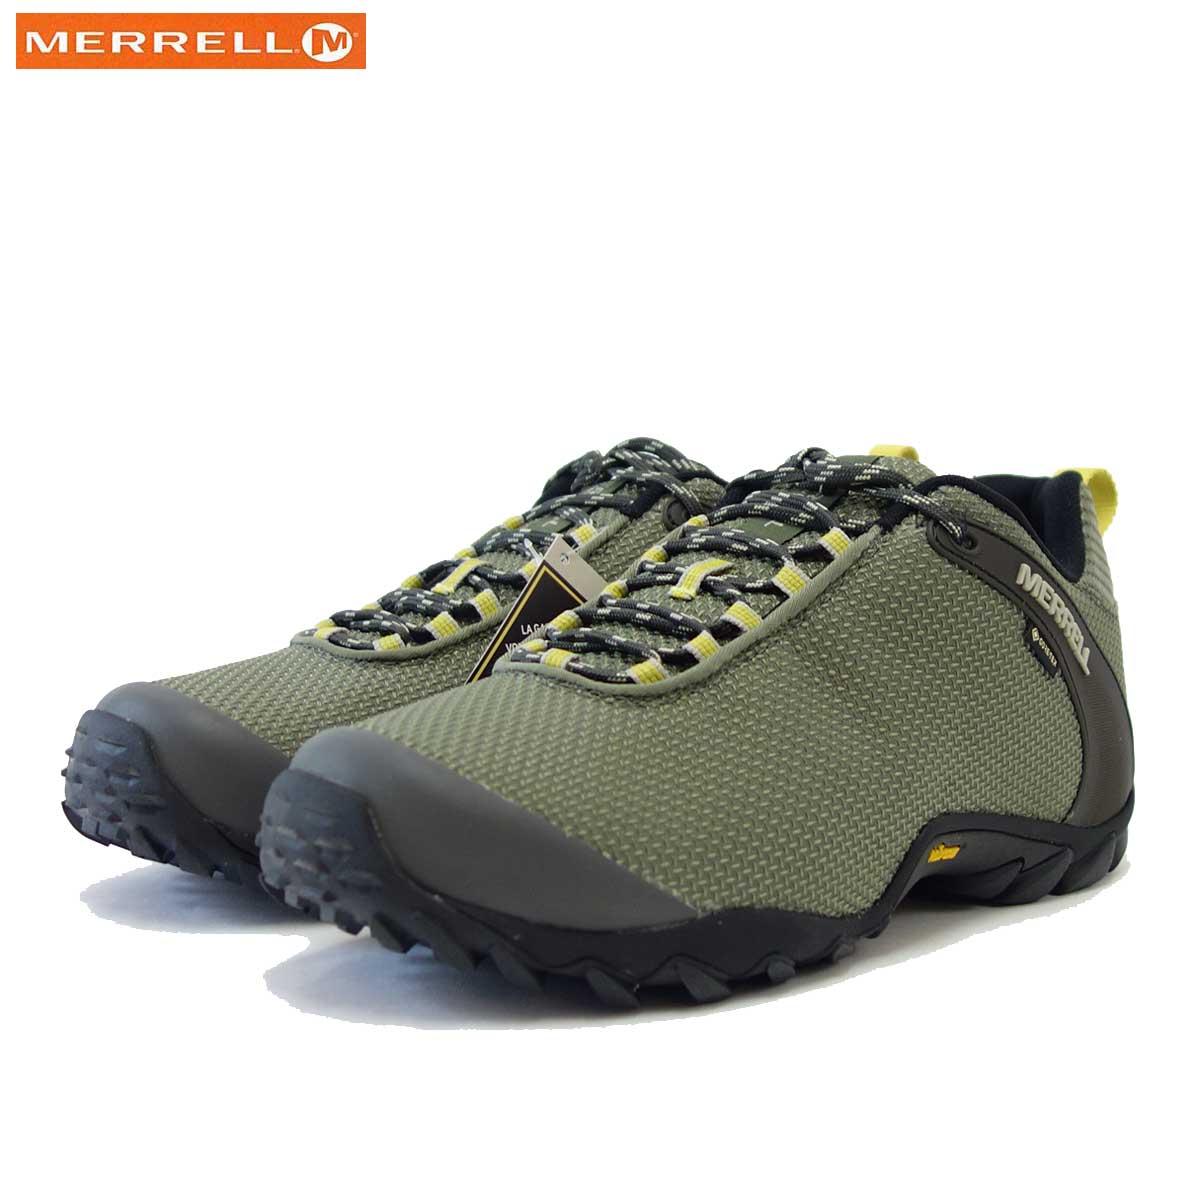 メレル MERRELL (メンズ)カメレオン 8 ストーム ゴアテックス 033671 LICHEN ゴアテックス内蔵・通気性メッシュ「靴」